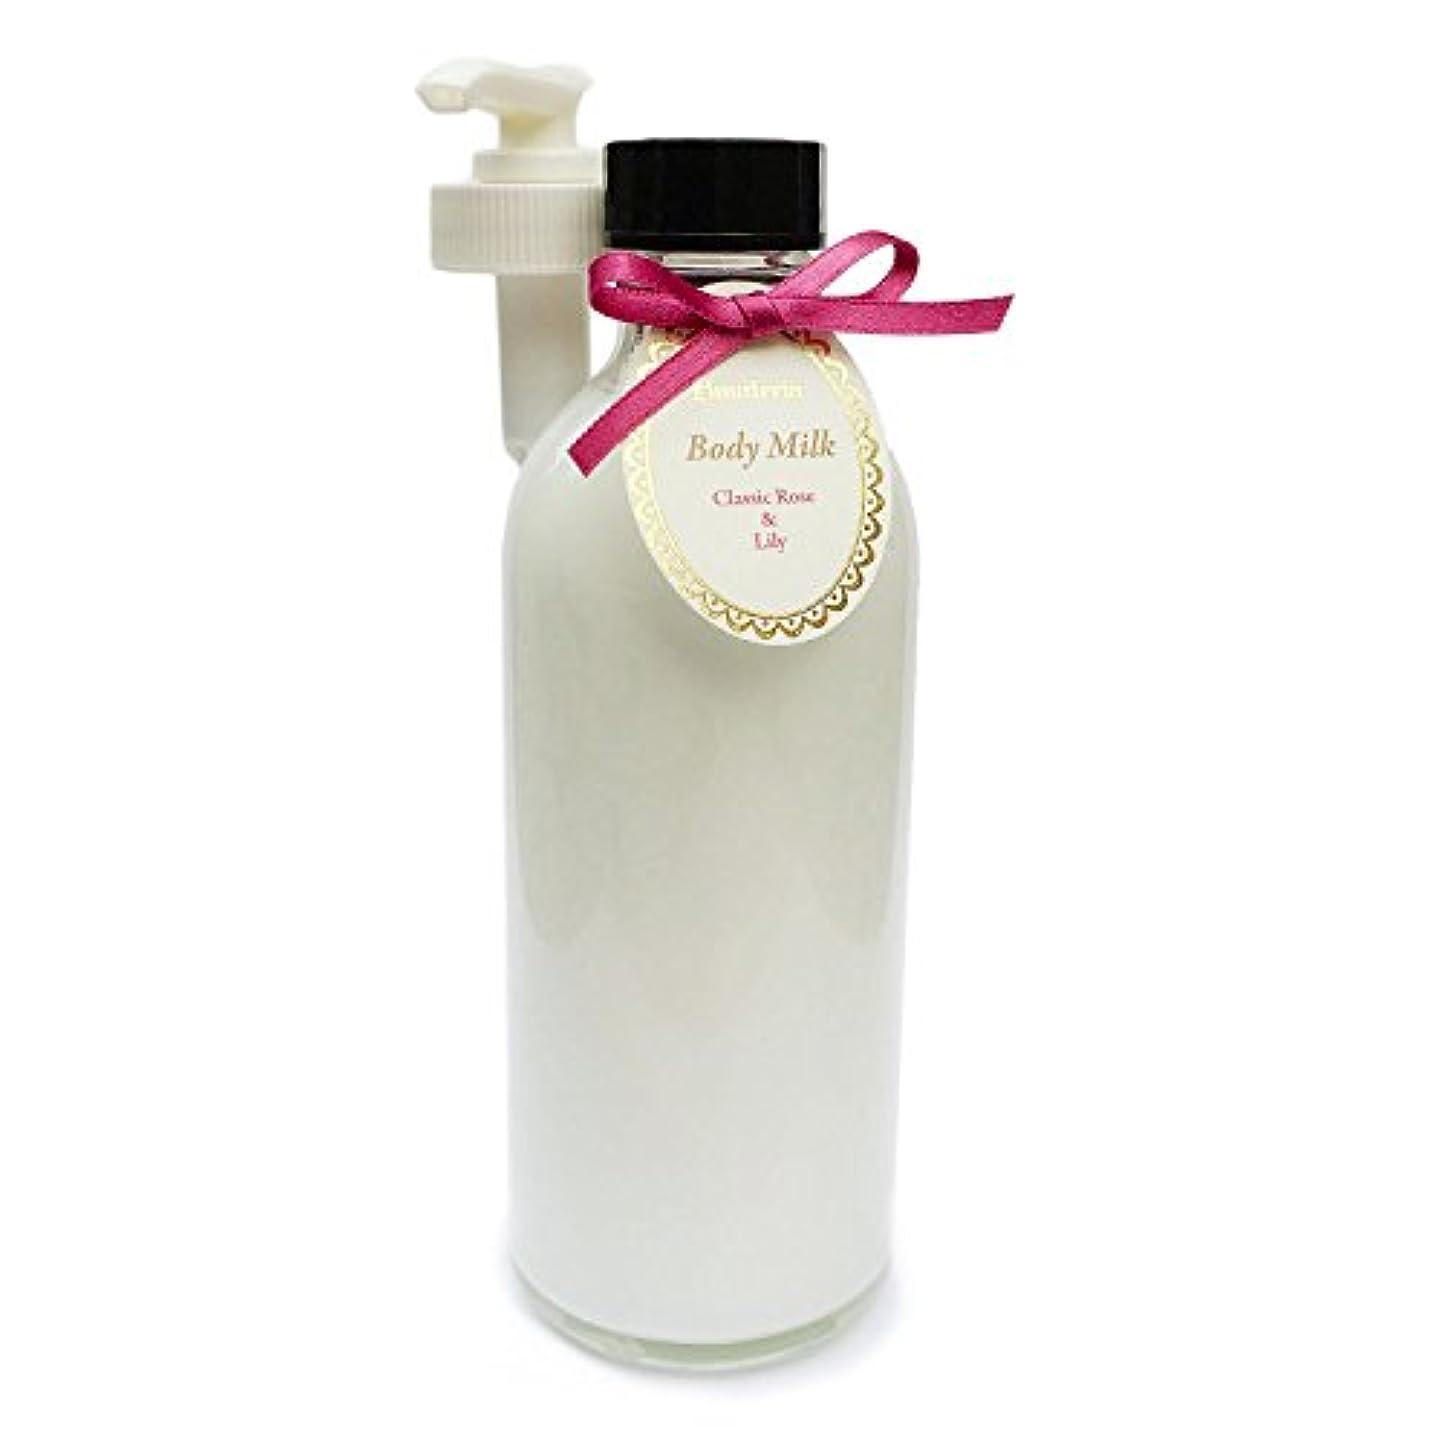 ぎこちない表面速度D materia ボディミルク クラシックローズ&リリー Classic Rose&Lily Body Milk ディーマテリア